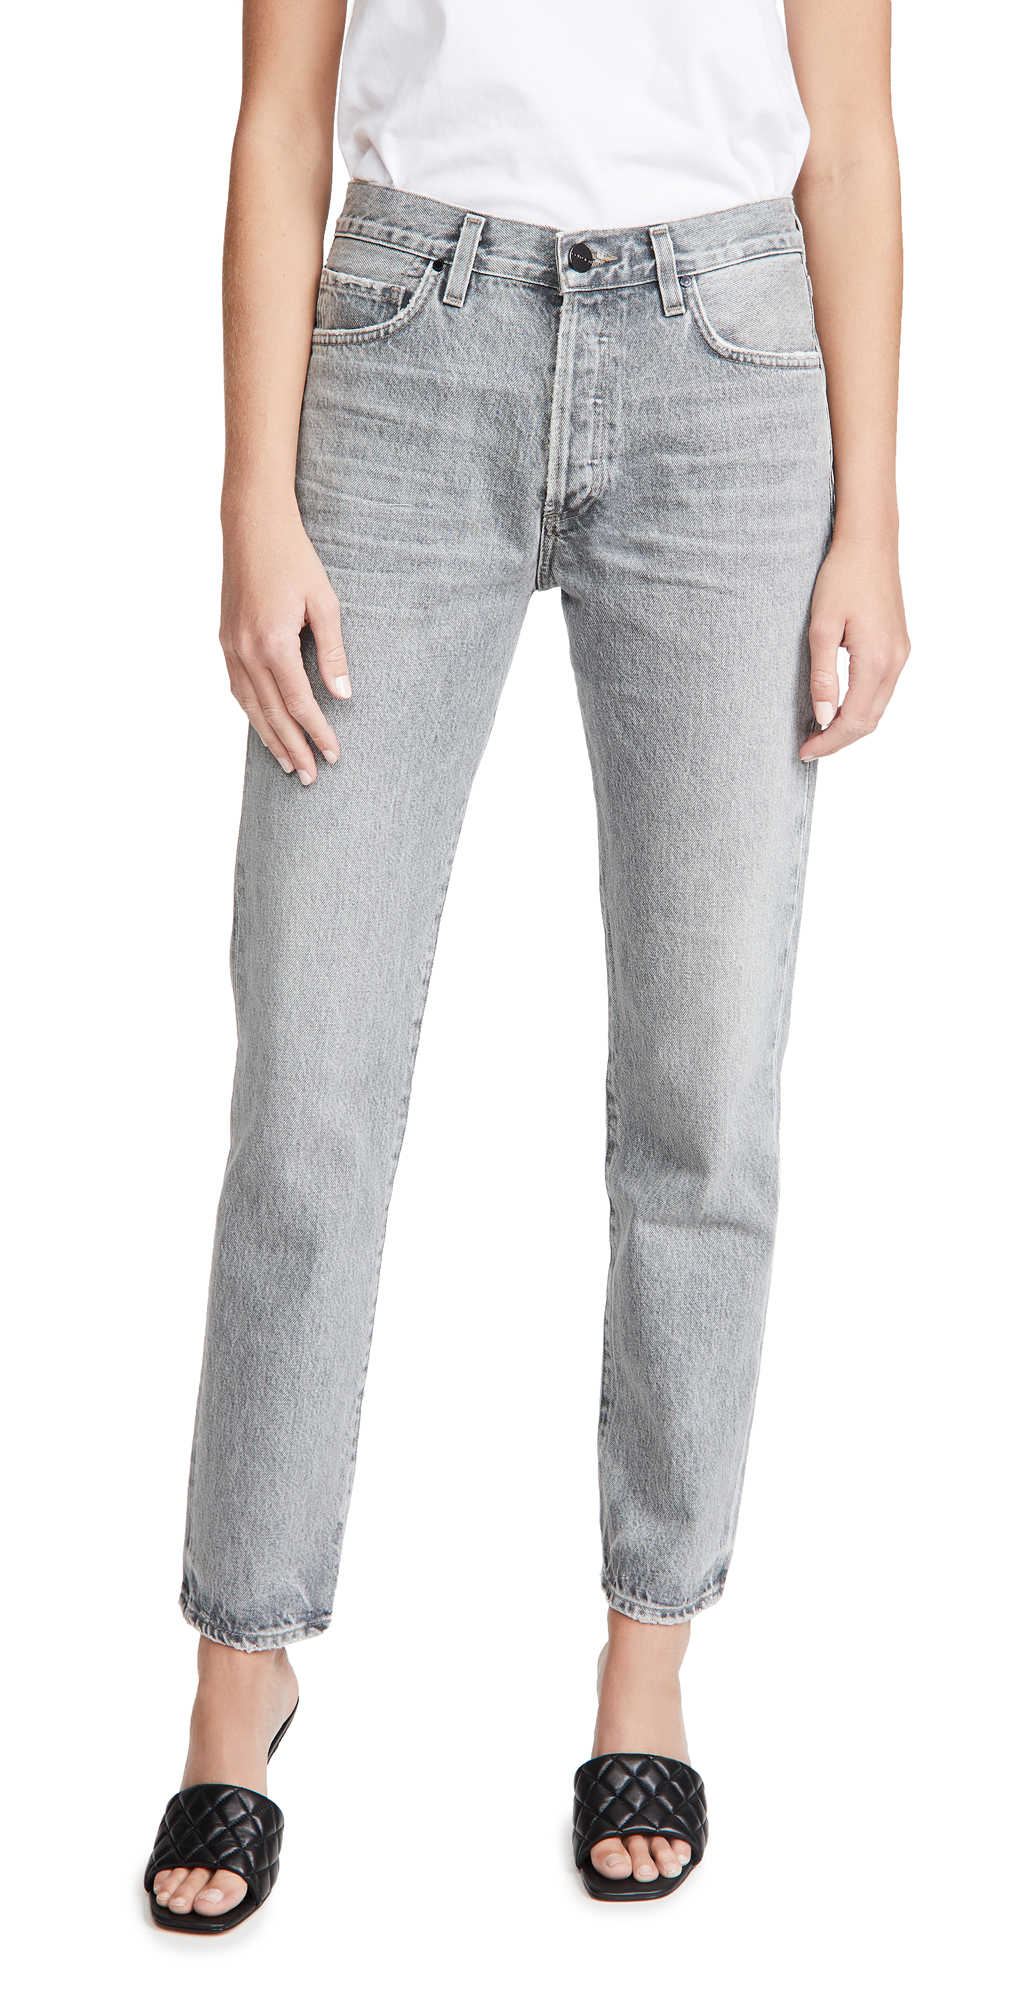 The Walcott Jeans